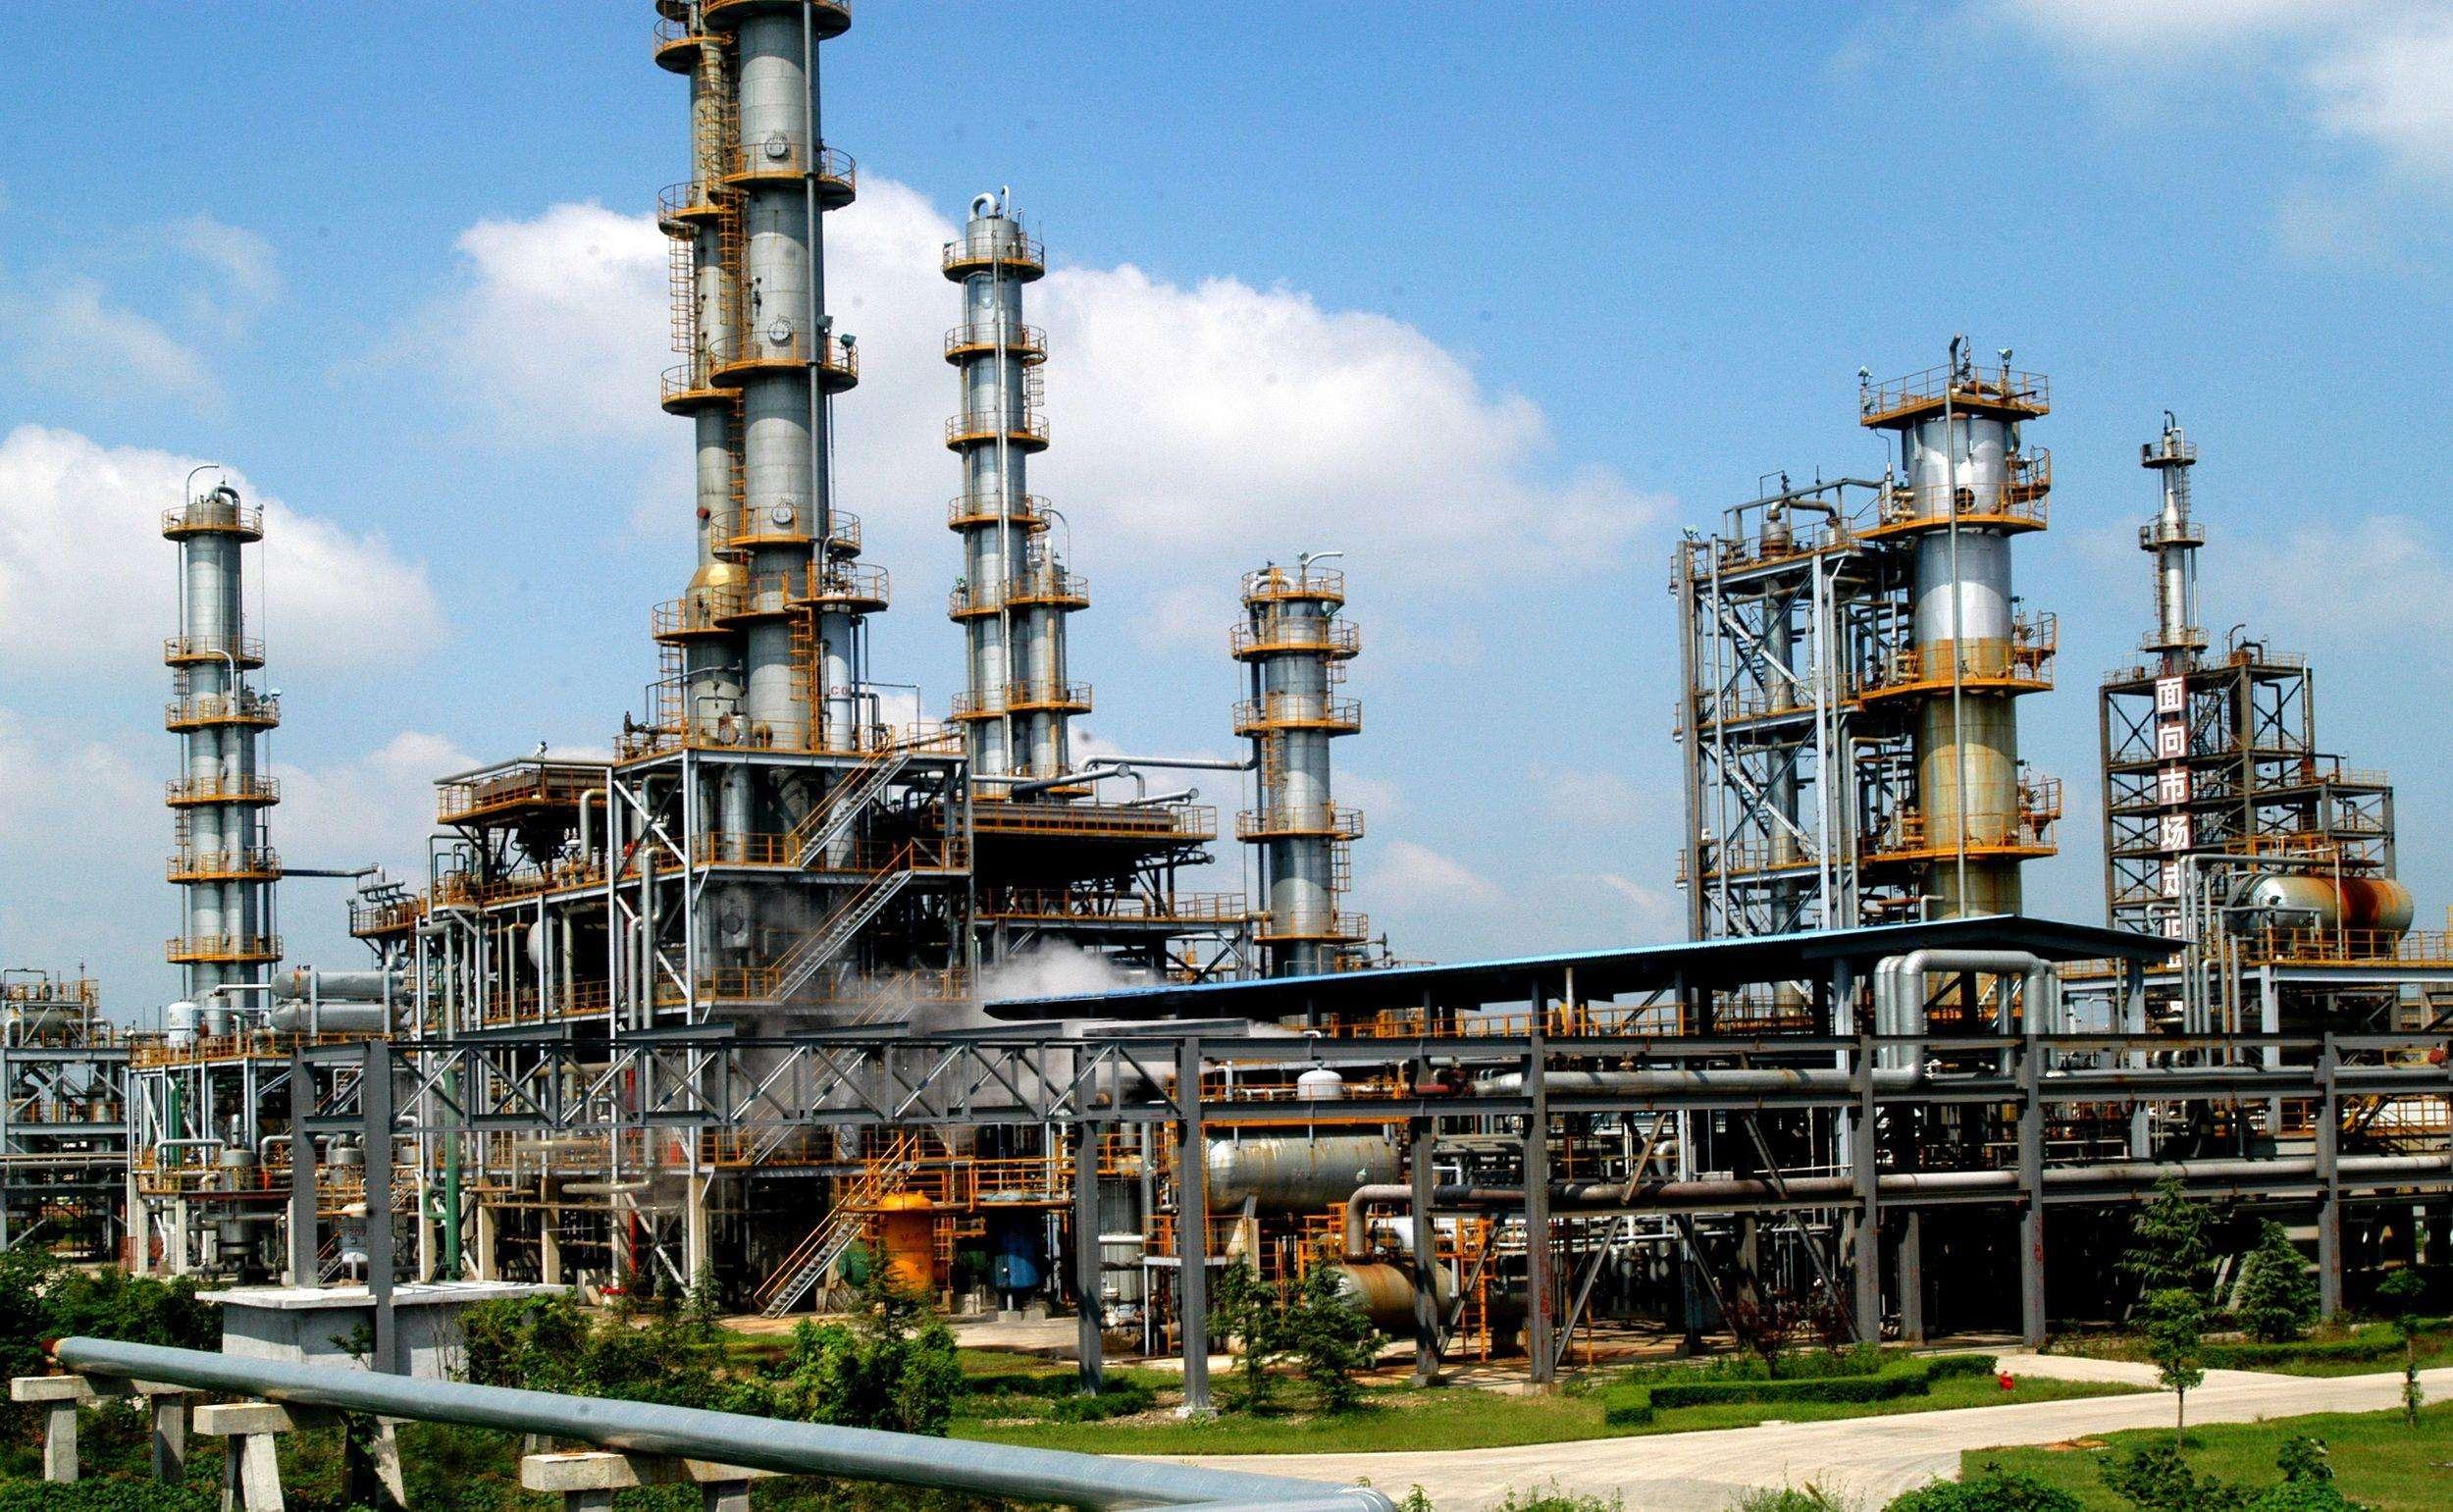 石油化工实验室解决方案,实验室信息管理系统,试验数据管理系统